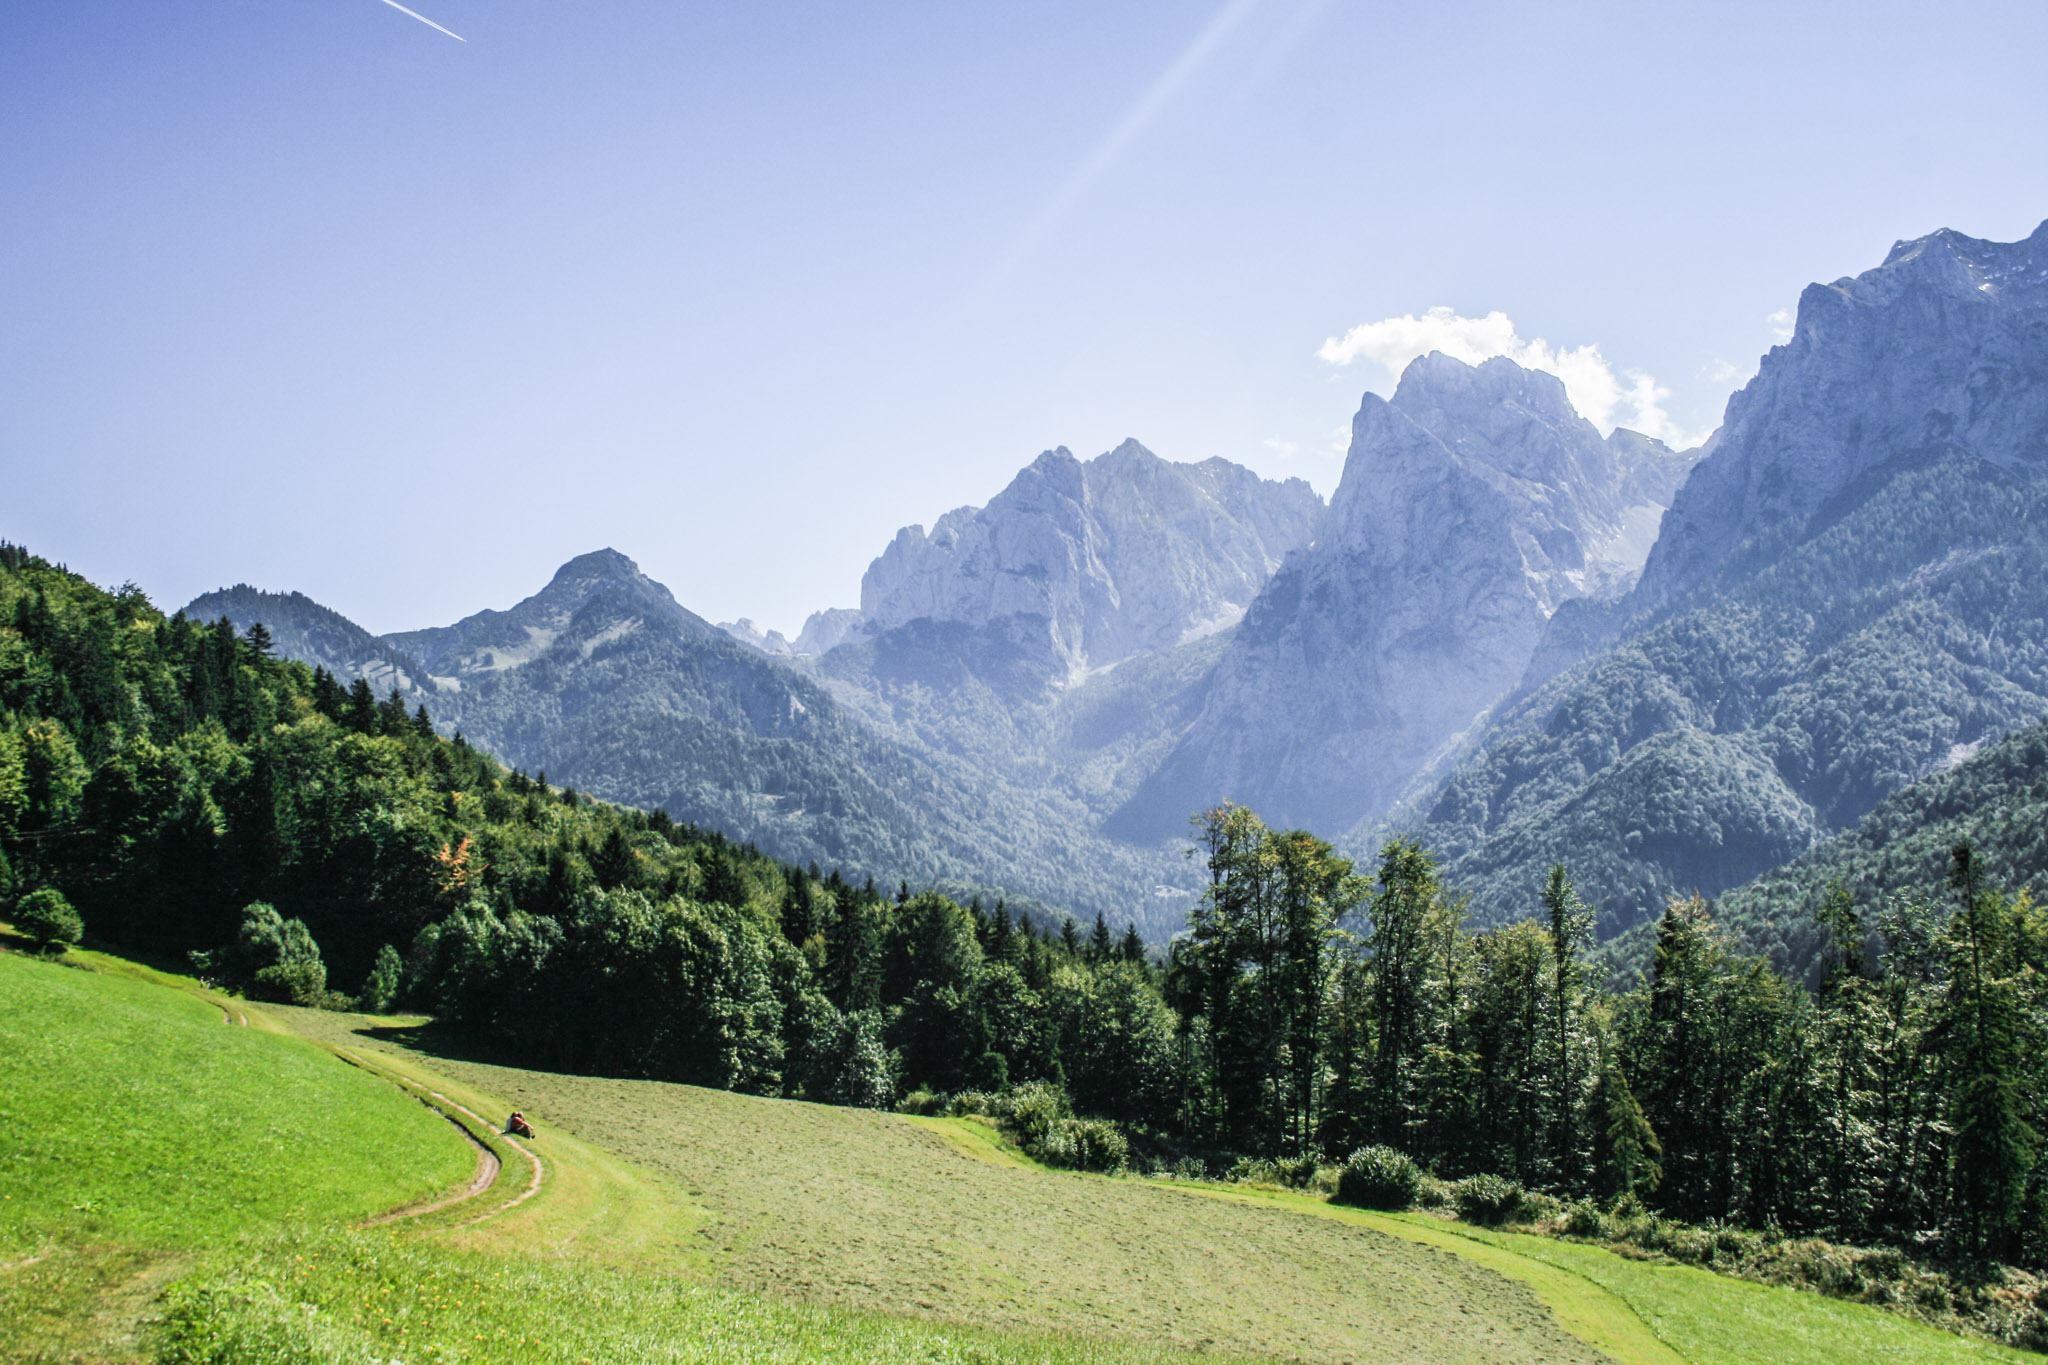 Das Kaisertal und die Berge des Wilden Kaisers